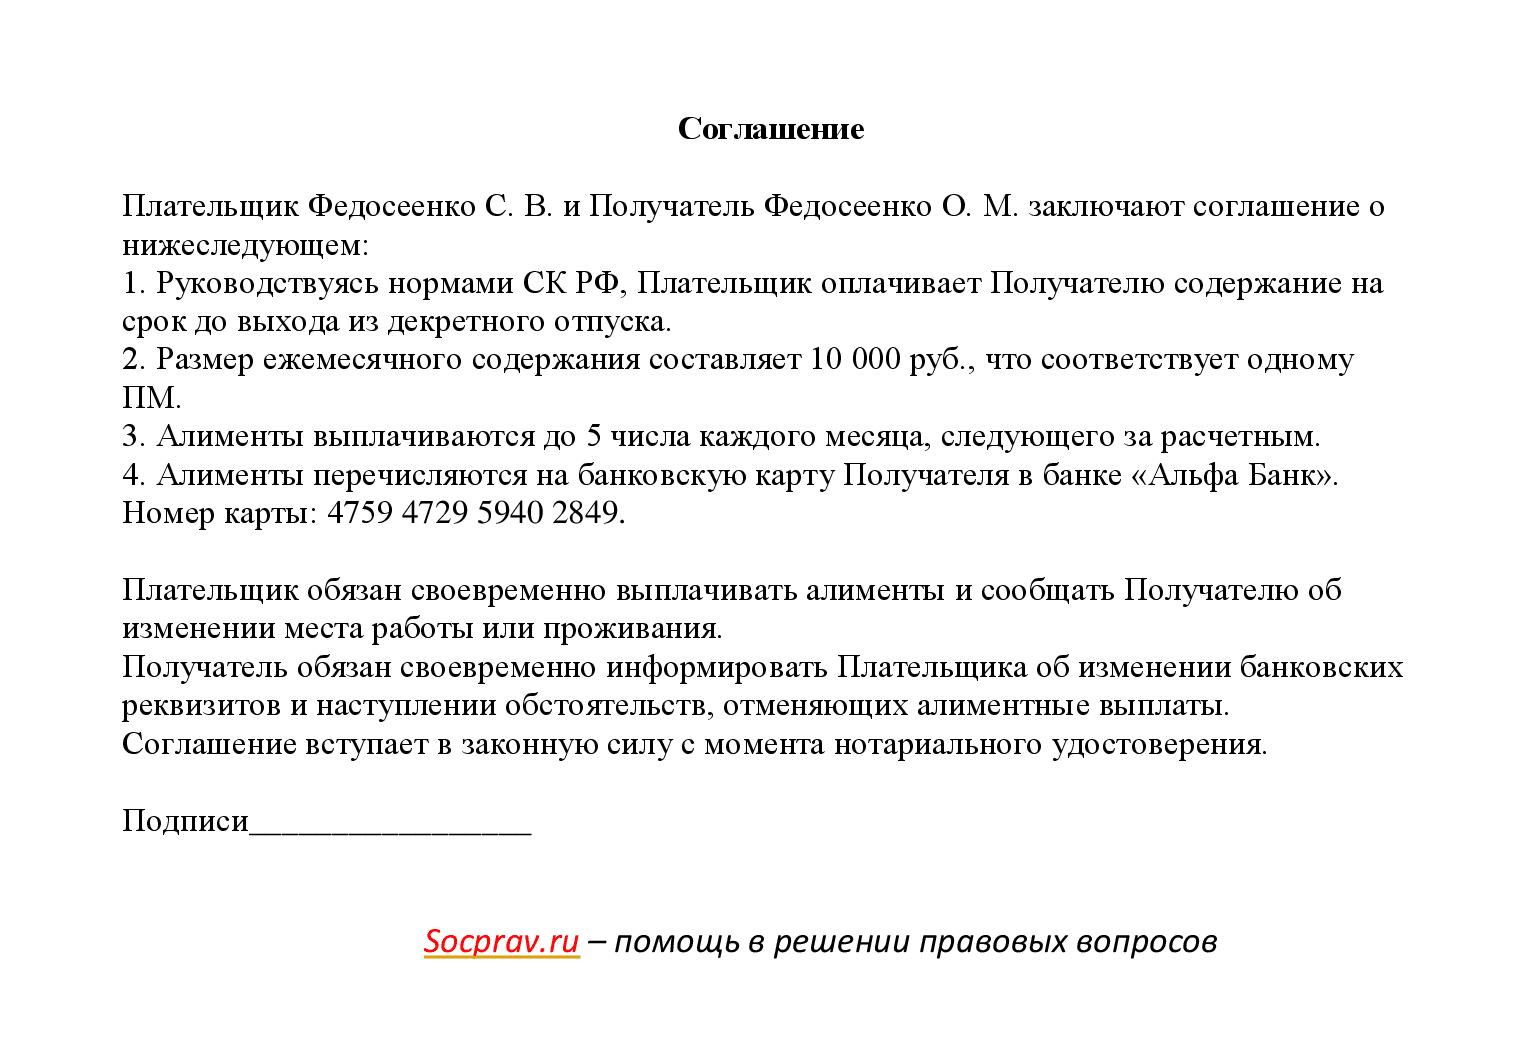 Соглашение об уплате алиментов на содержание супруги